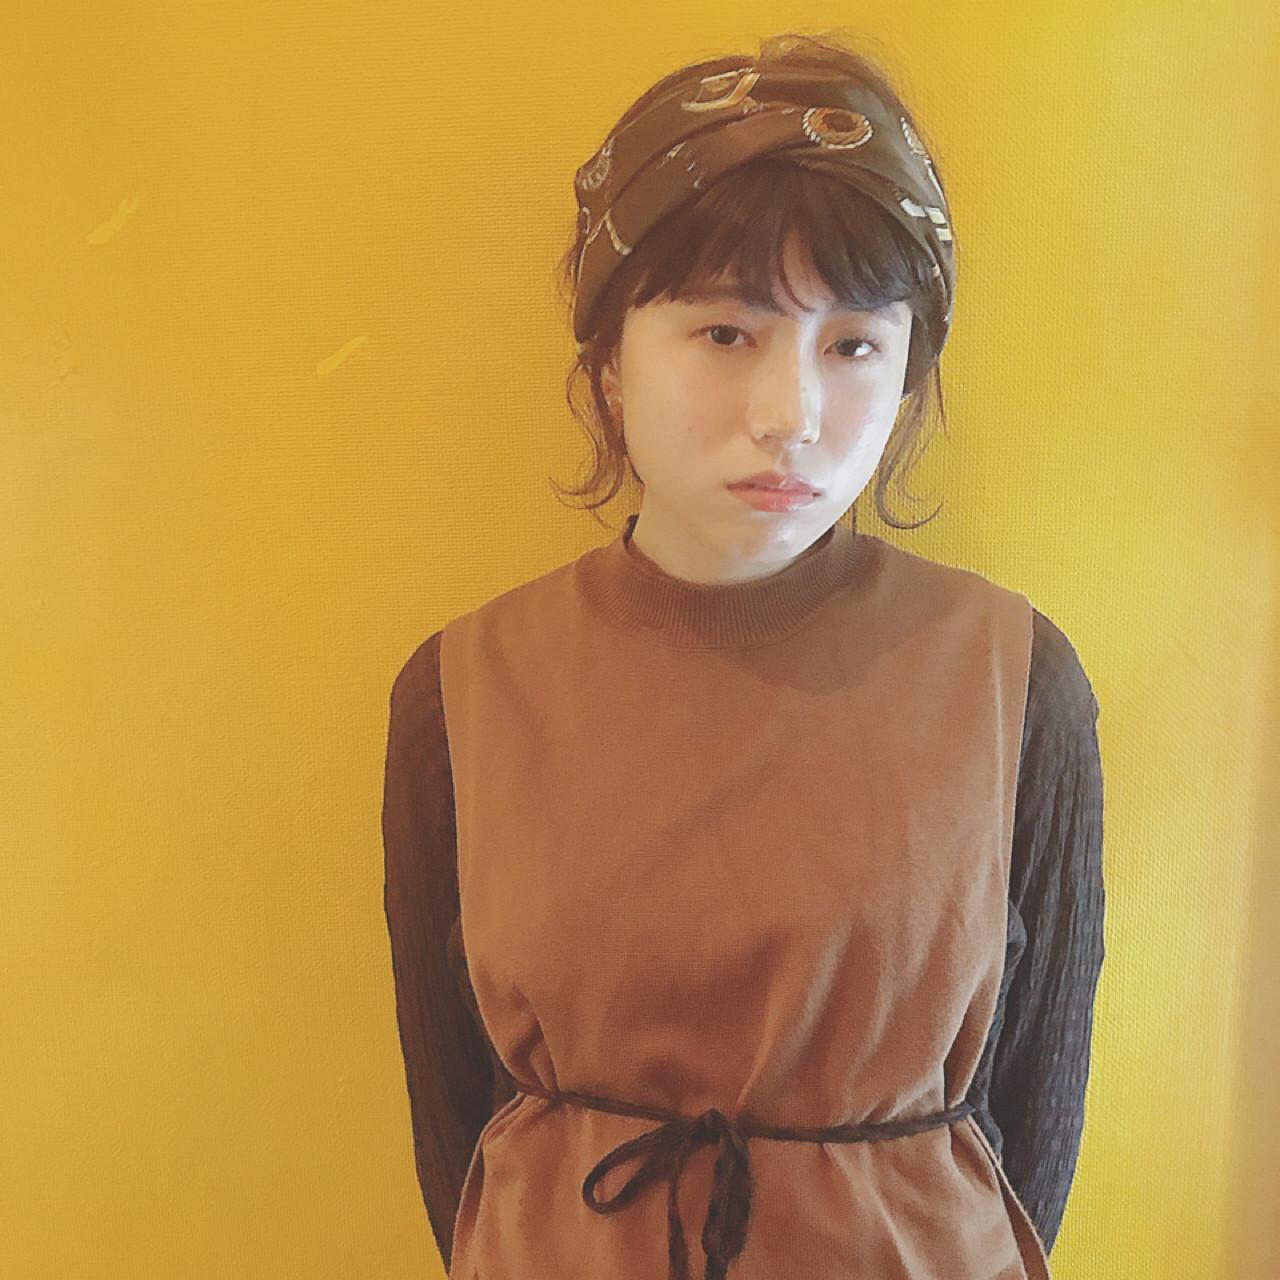 ターバンと服の色をリンクさせて楽しむ NEUTRAL 中園 香峰NEUTRAL produced by GARDEN